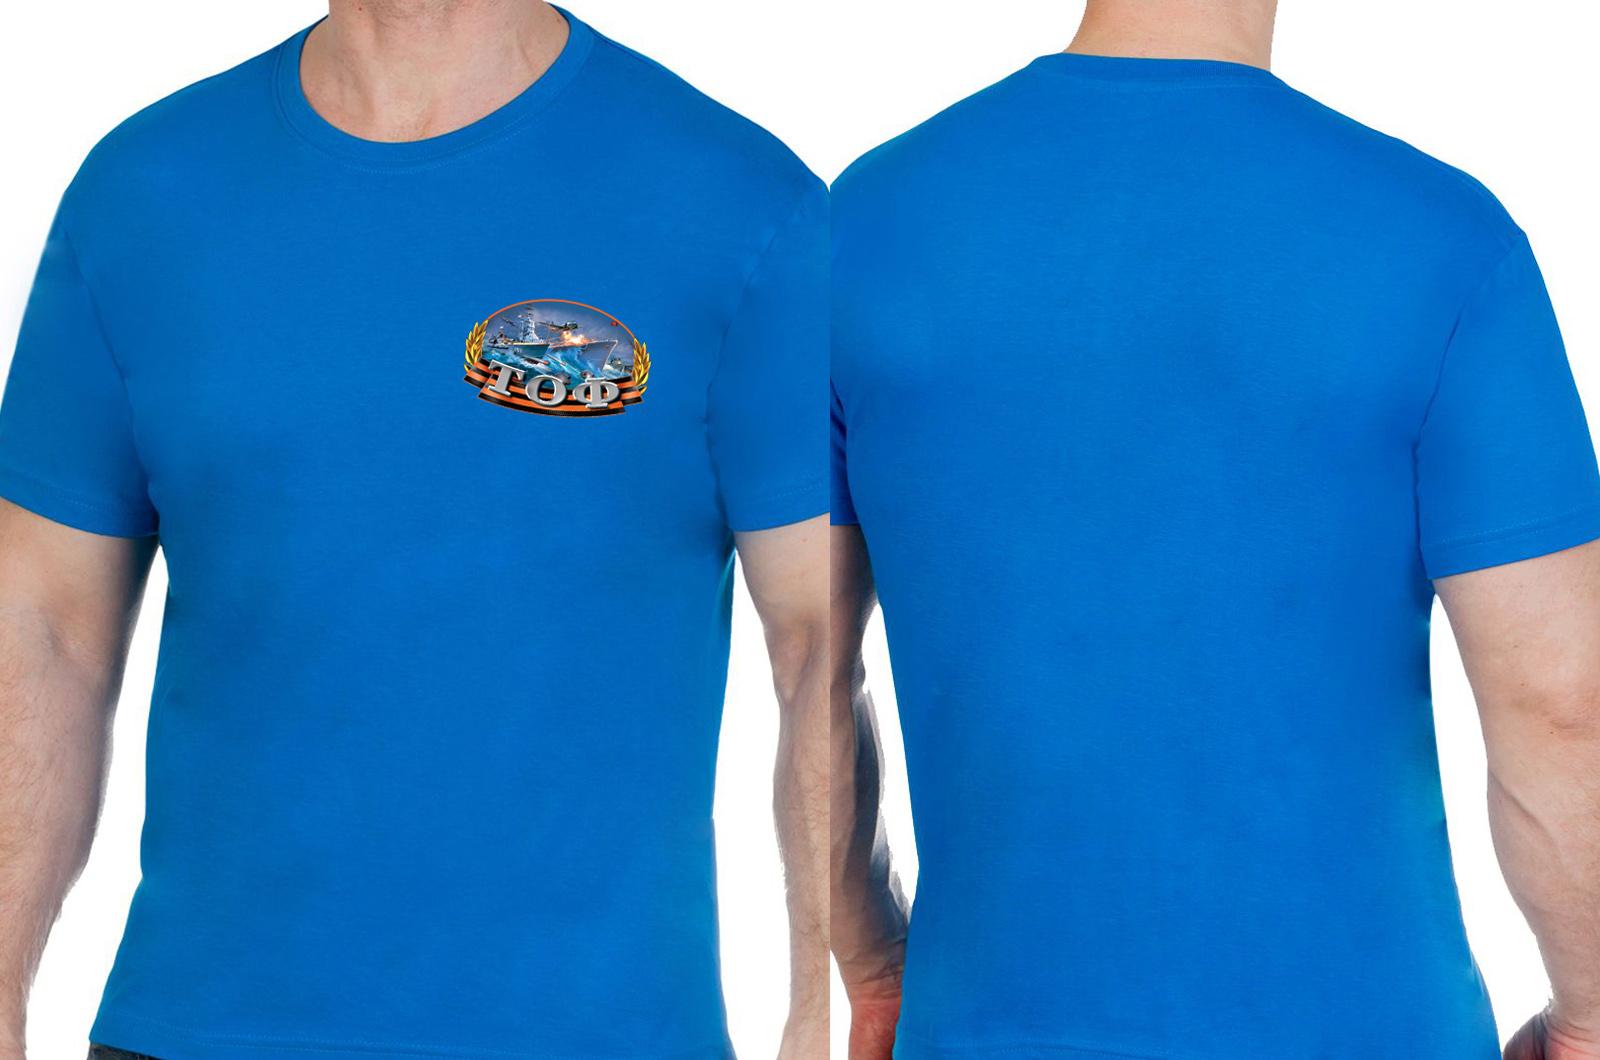 Мужская футболка ТОФ - купить в подарок